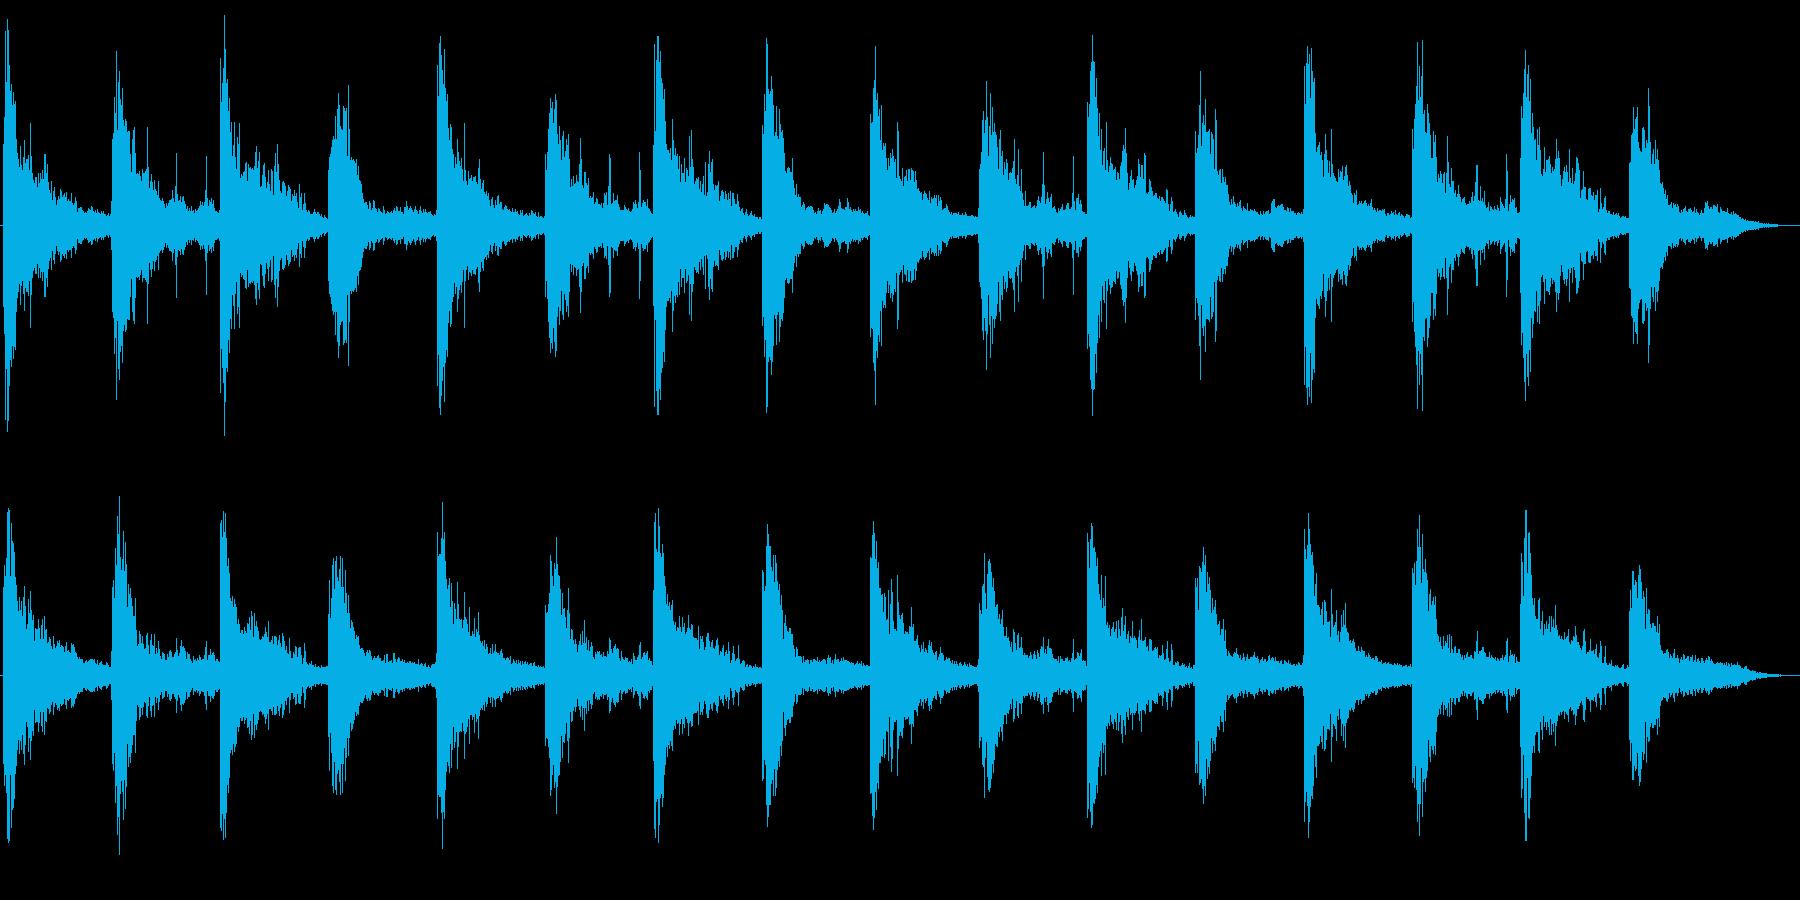 ホラー環境音(胎動、コウモリ、風、水)の再生済みの波形